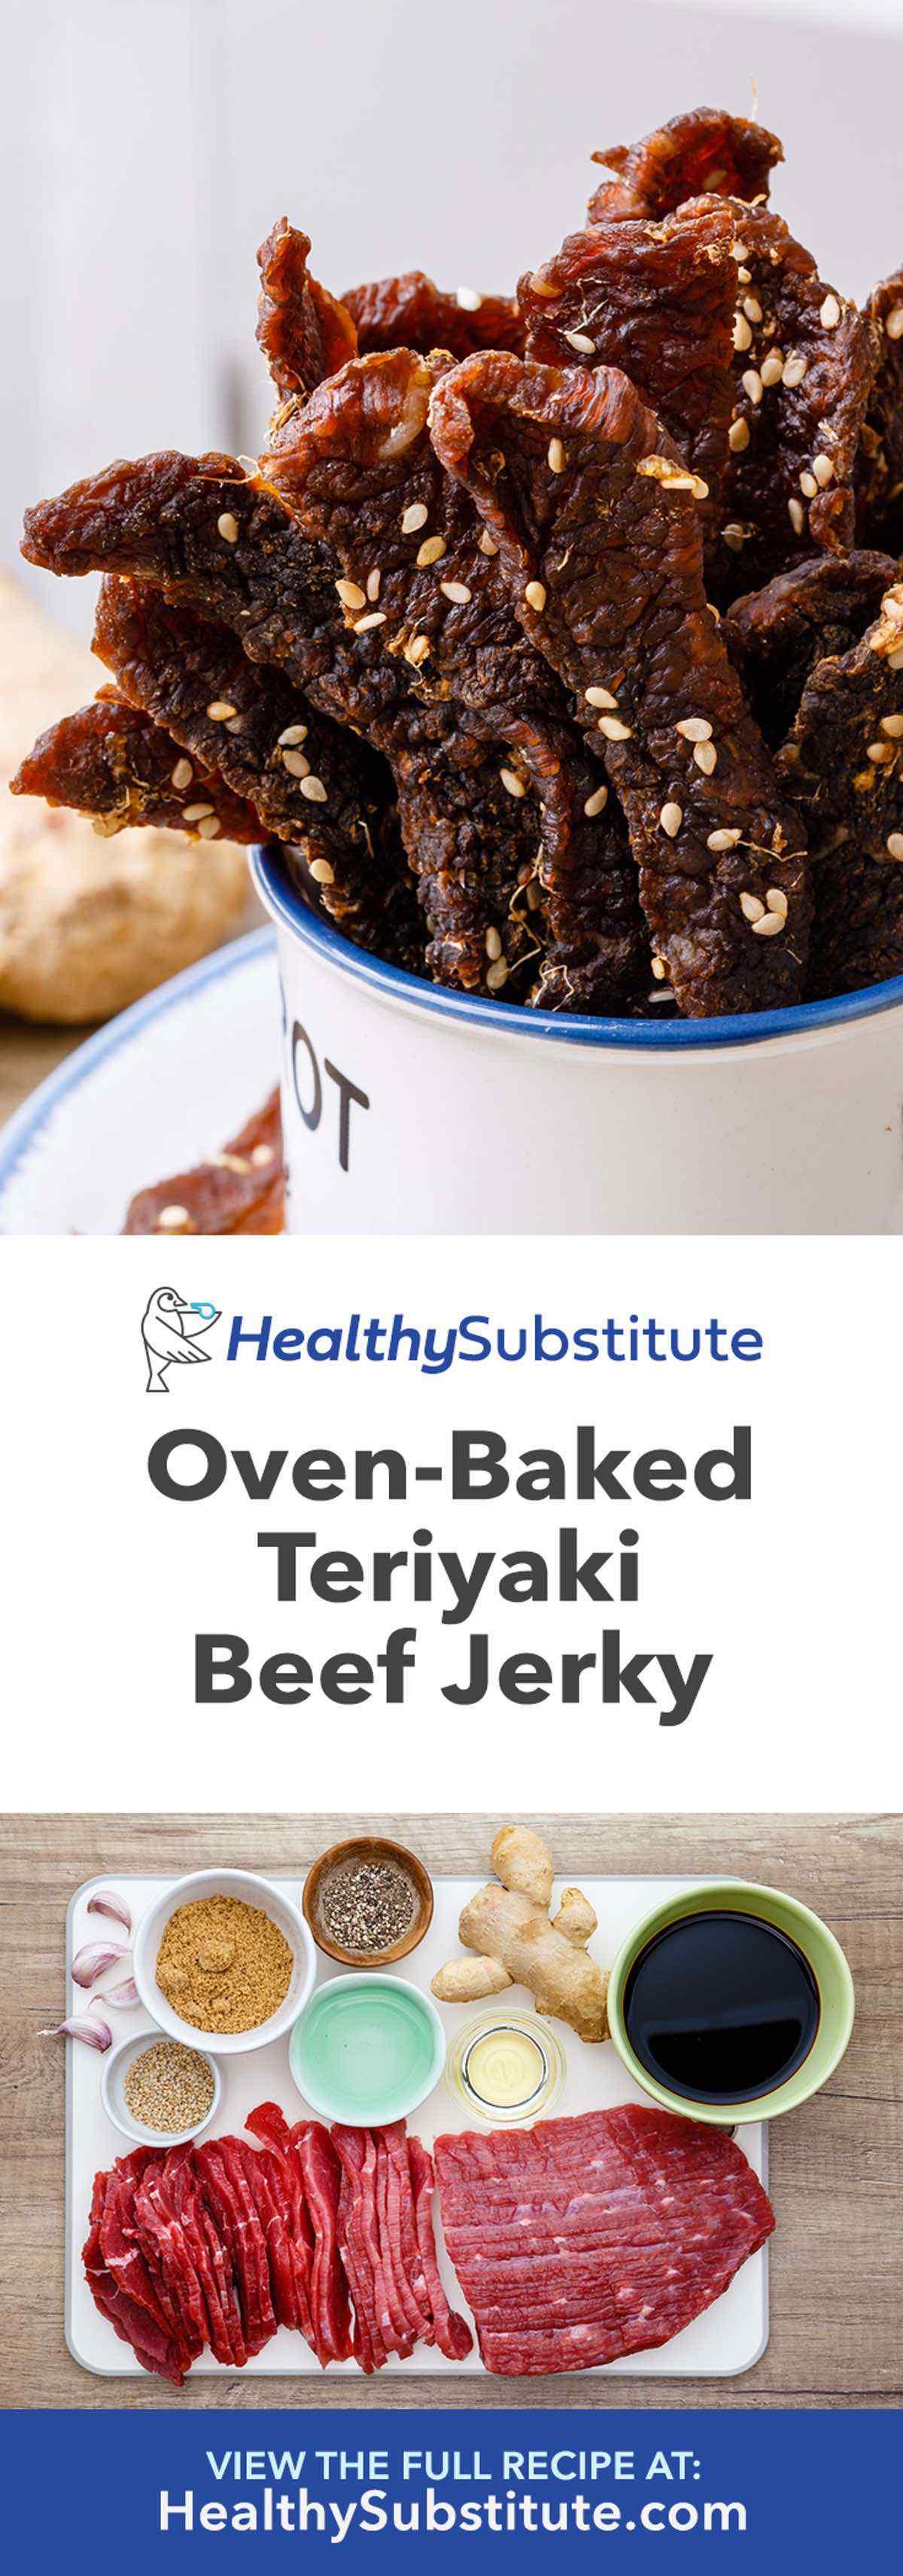 Oven Baked Teriyaki Beef Jerky